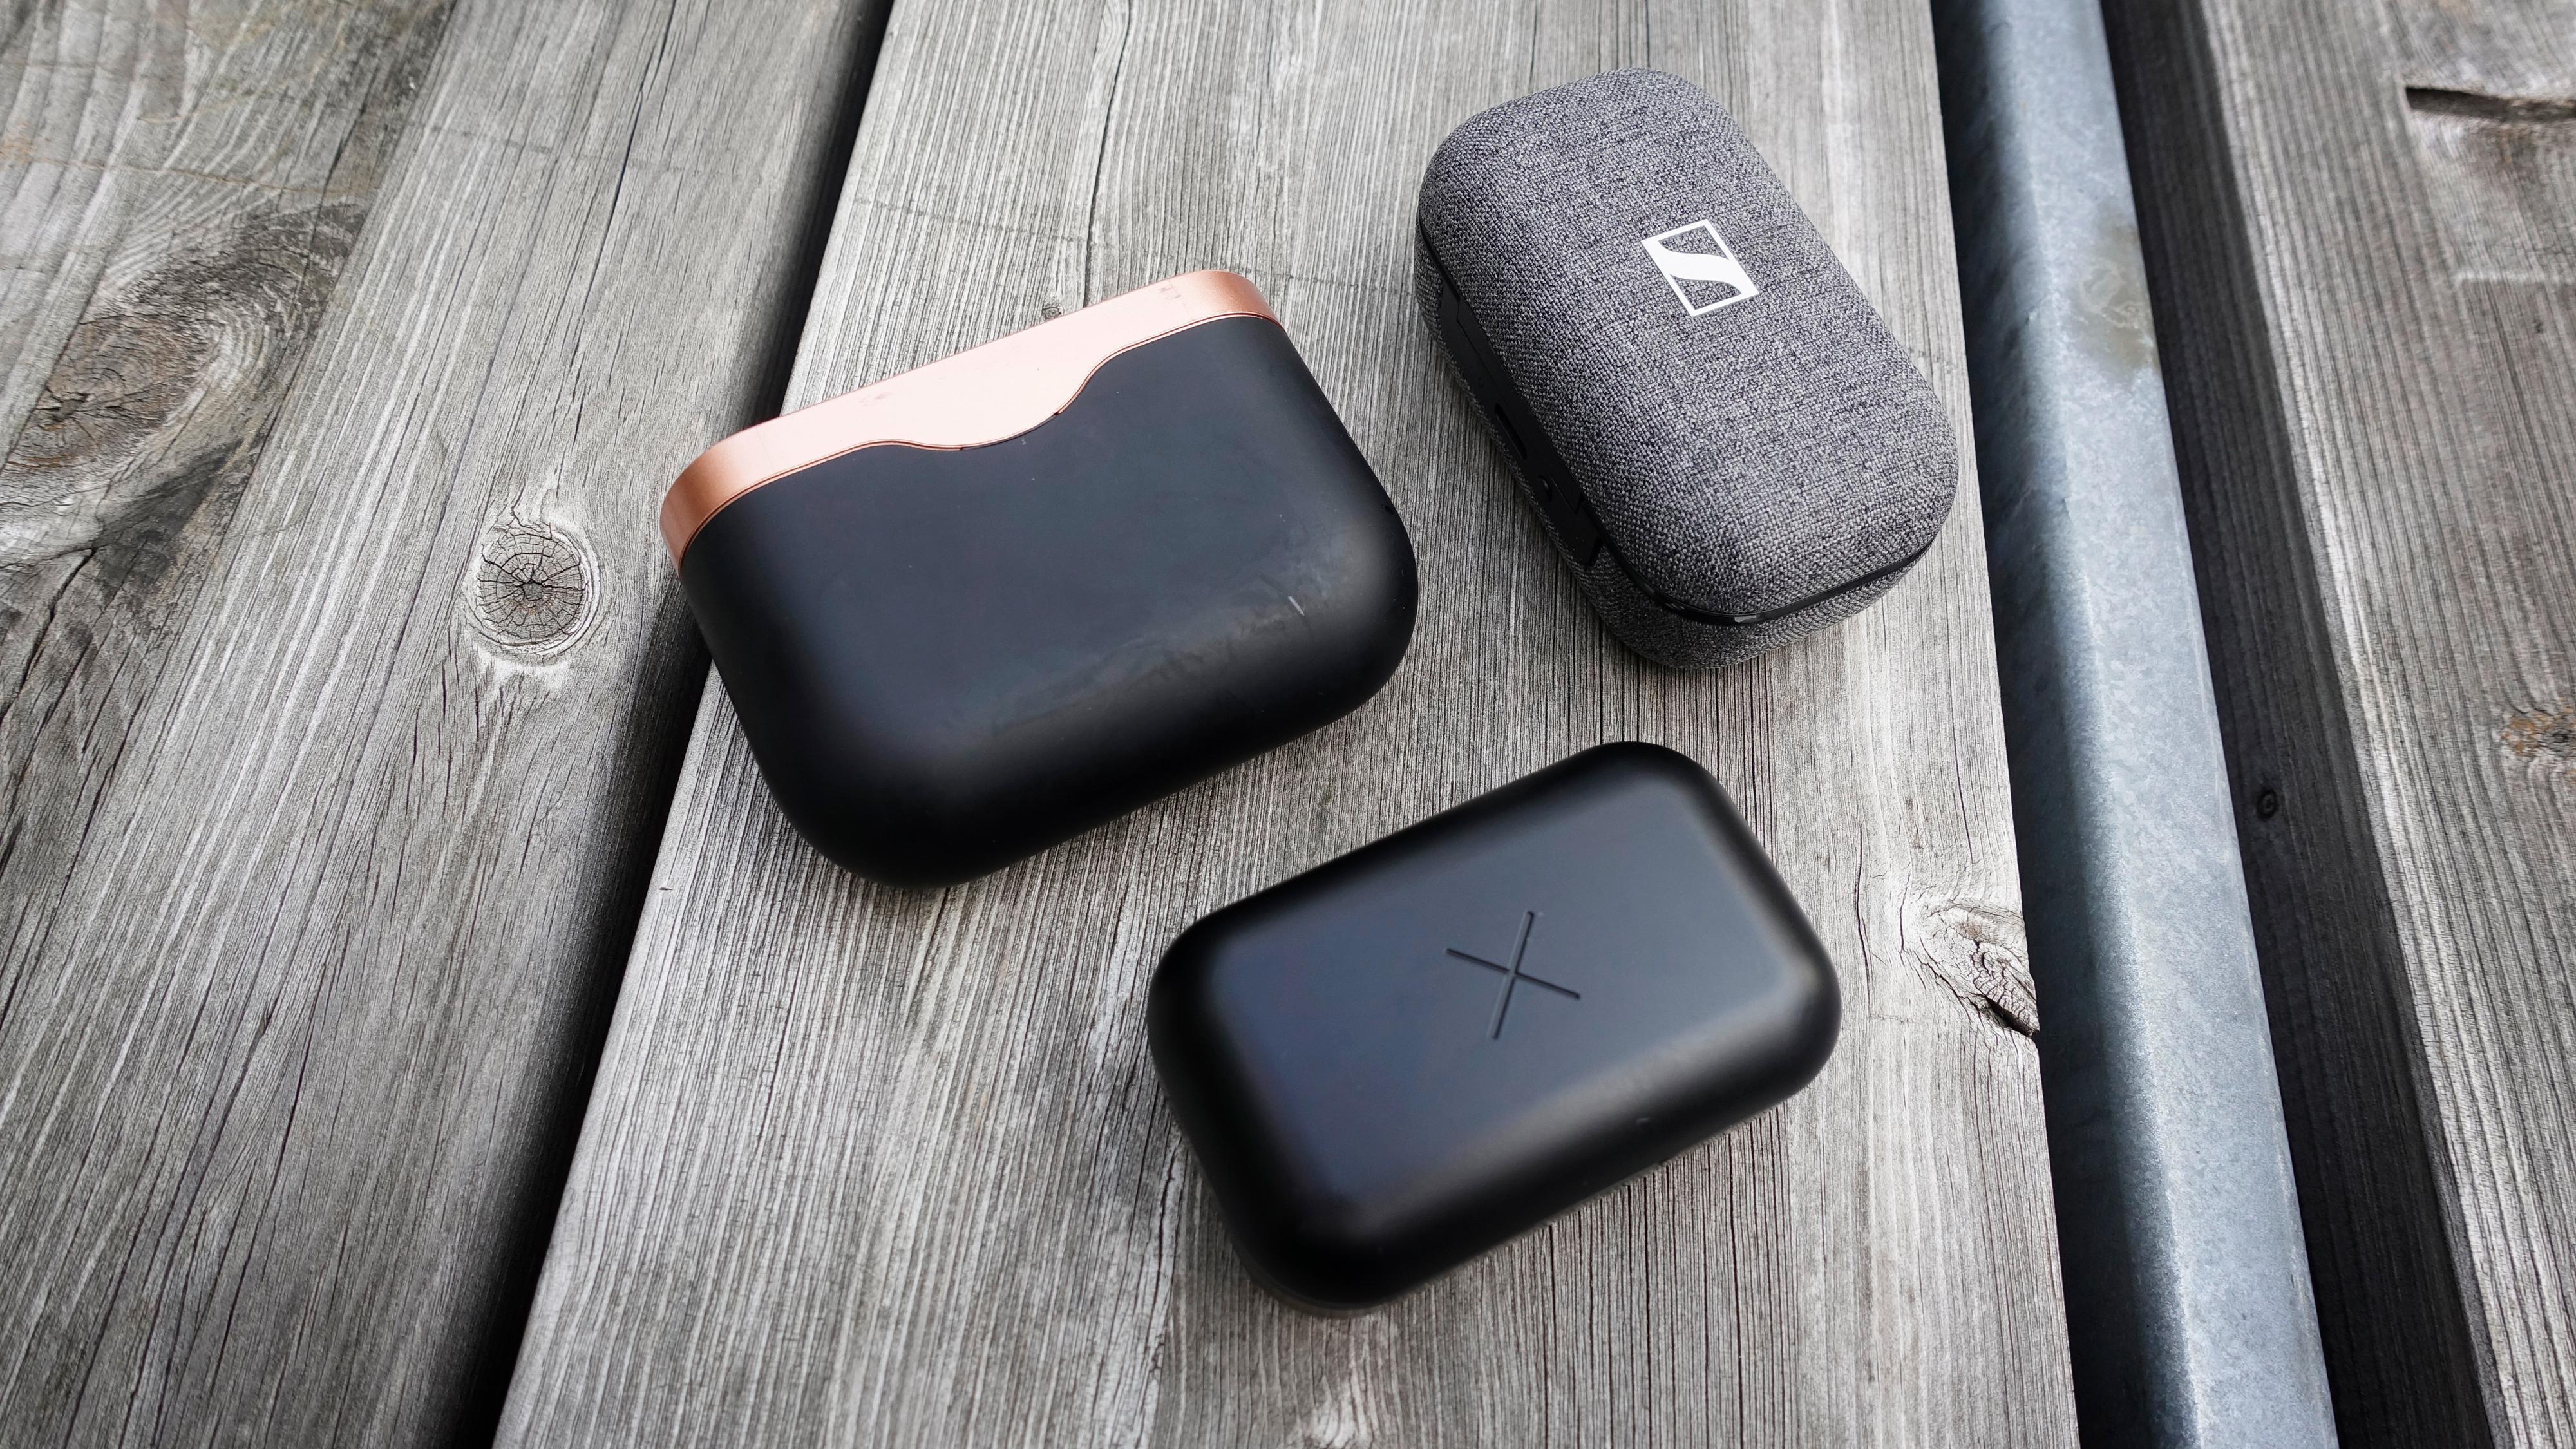 Xellence-etuiet (nederst) sammen med Sony WF-1000XM3 (venstre) og Sennheiser Momentum TW 2.